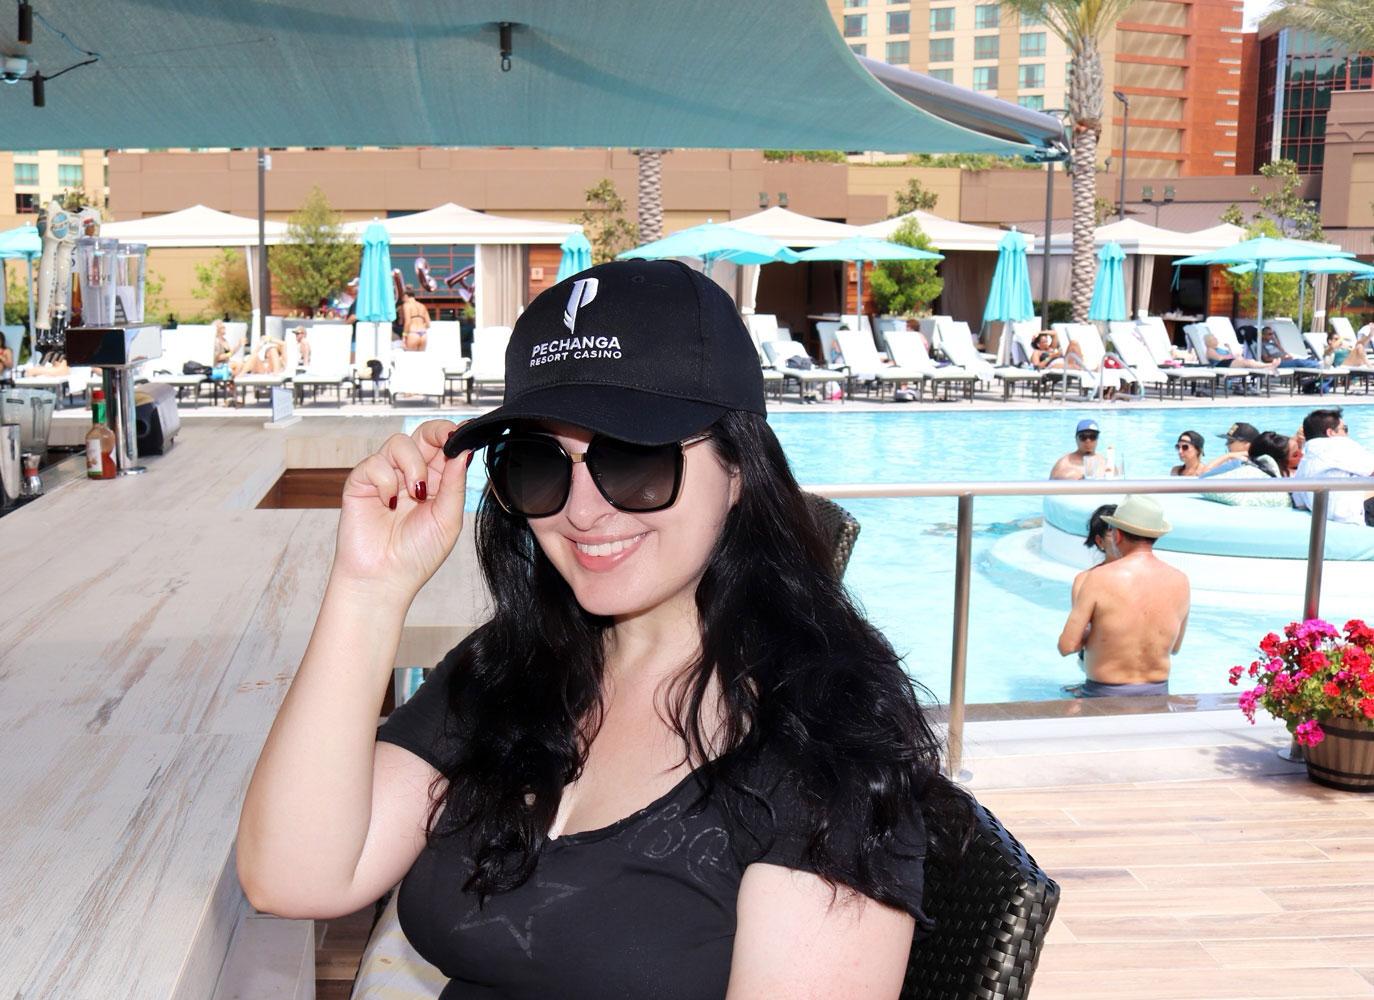 Los Angeles mini vacation idea - My Beauty Bunny travel blogger at Pechanga Resort Casino in Temecula